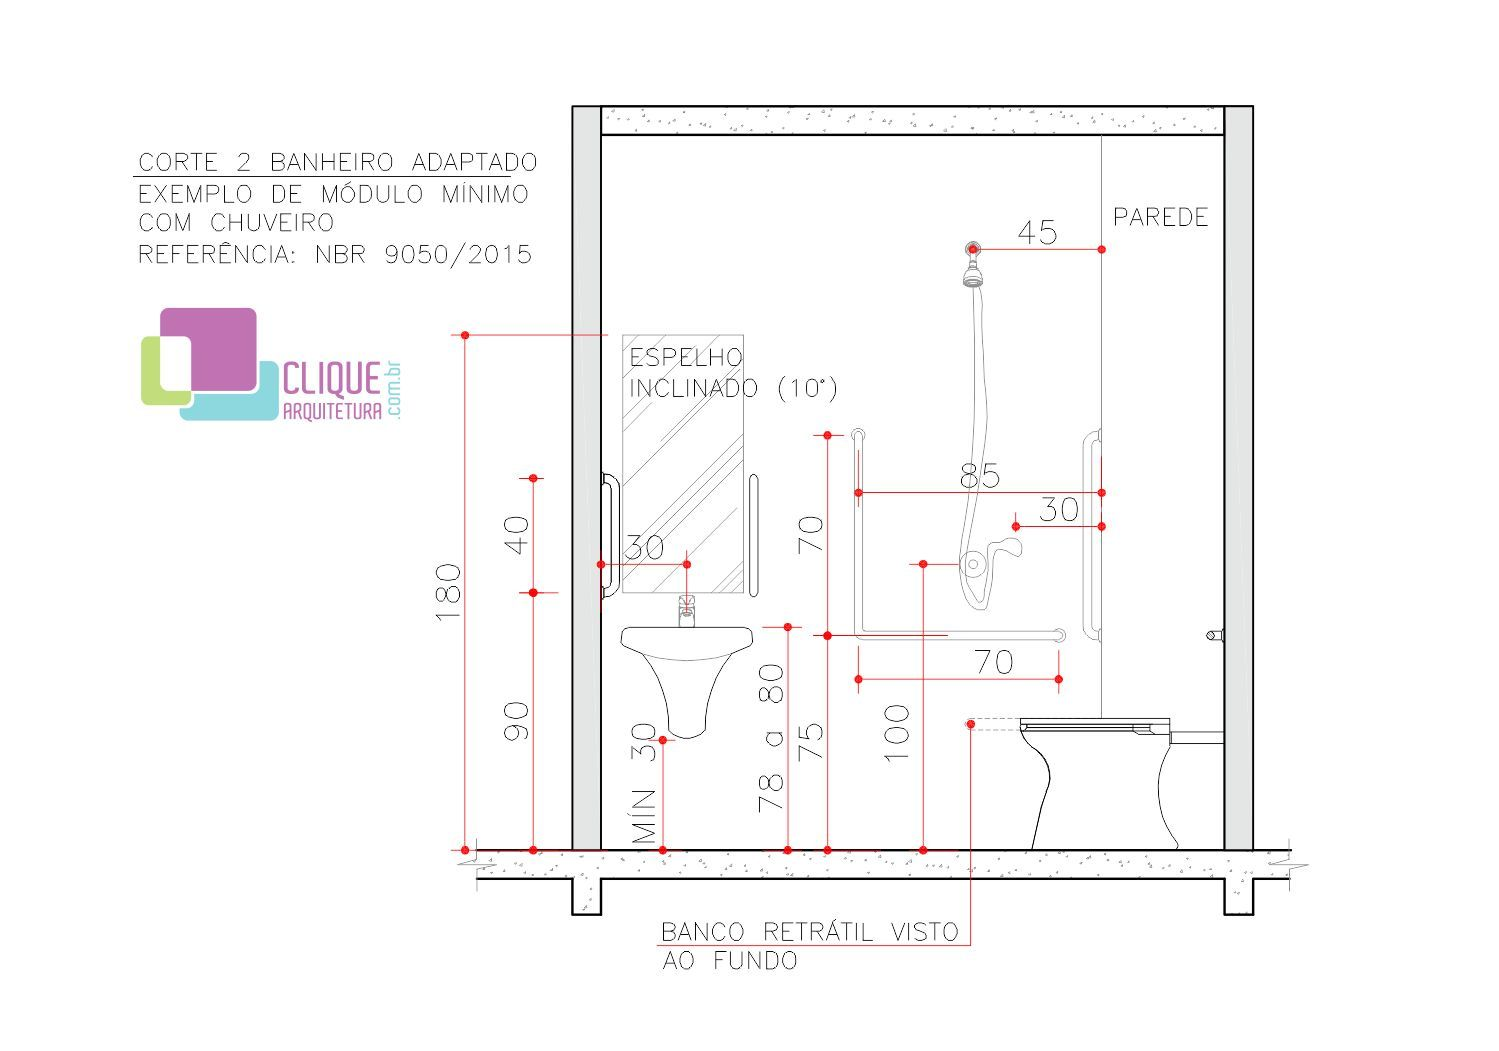 Largura Minima Porta Banheiro : Banheiro adaptado clique arquitetura pne